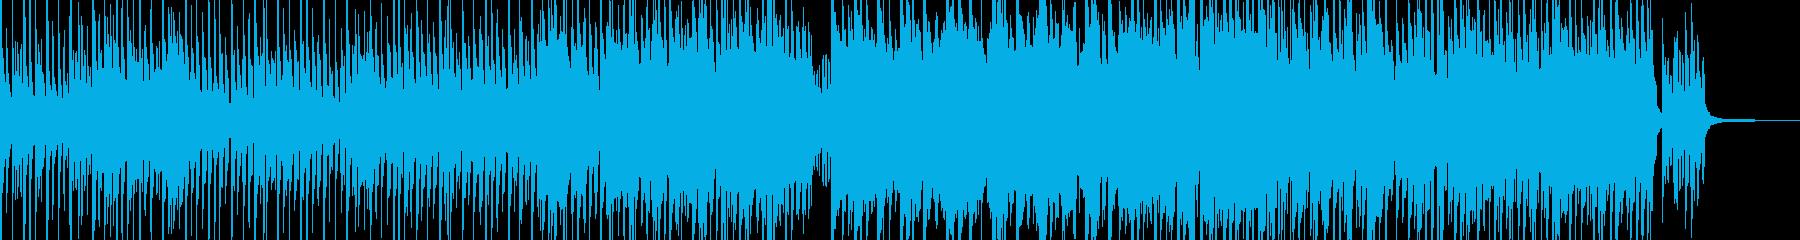 まったり・温かい雰囲気のポップス 短尺の再生済みの波形